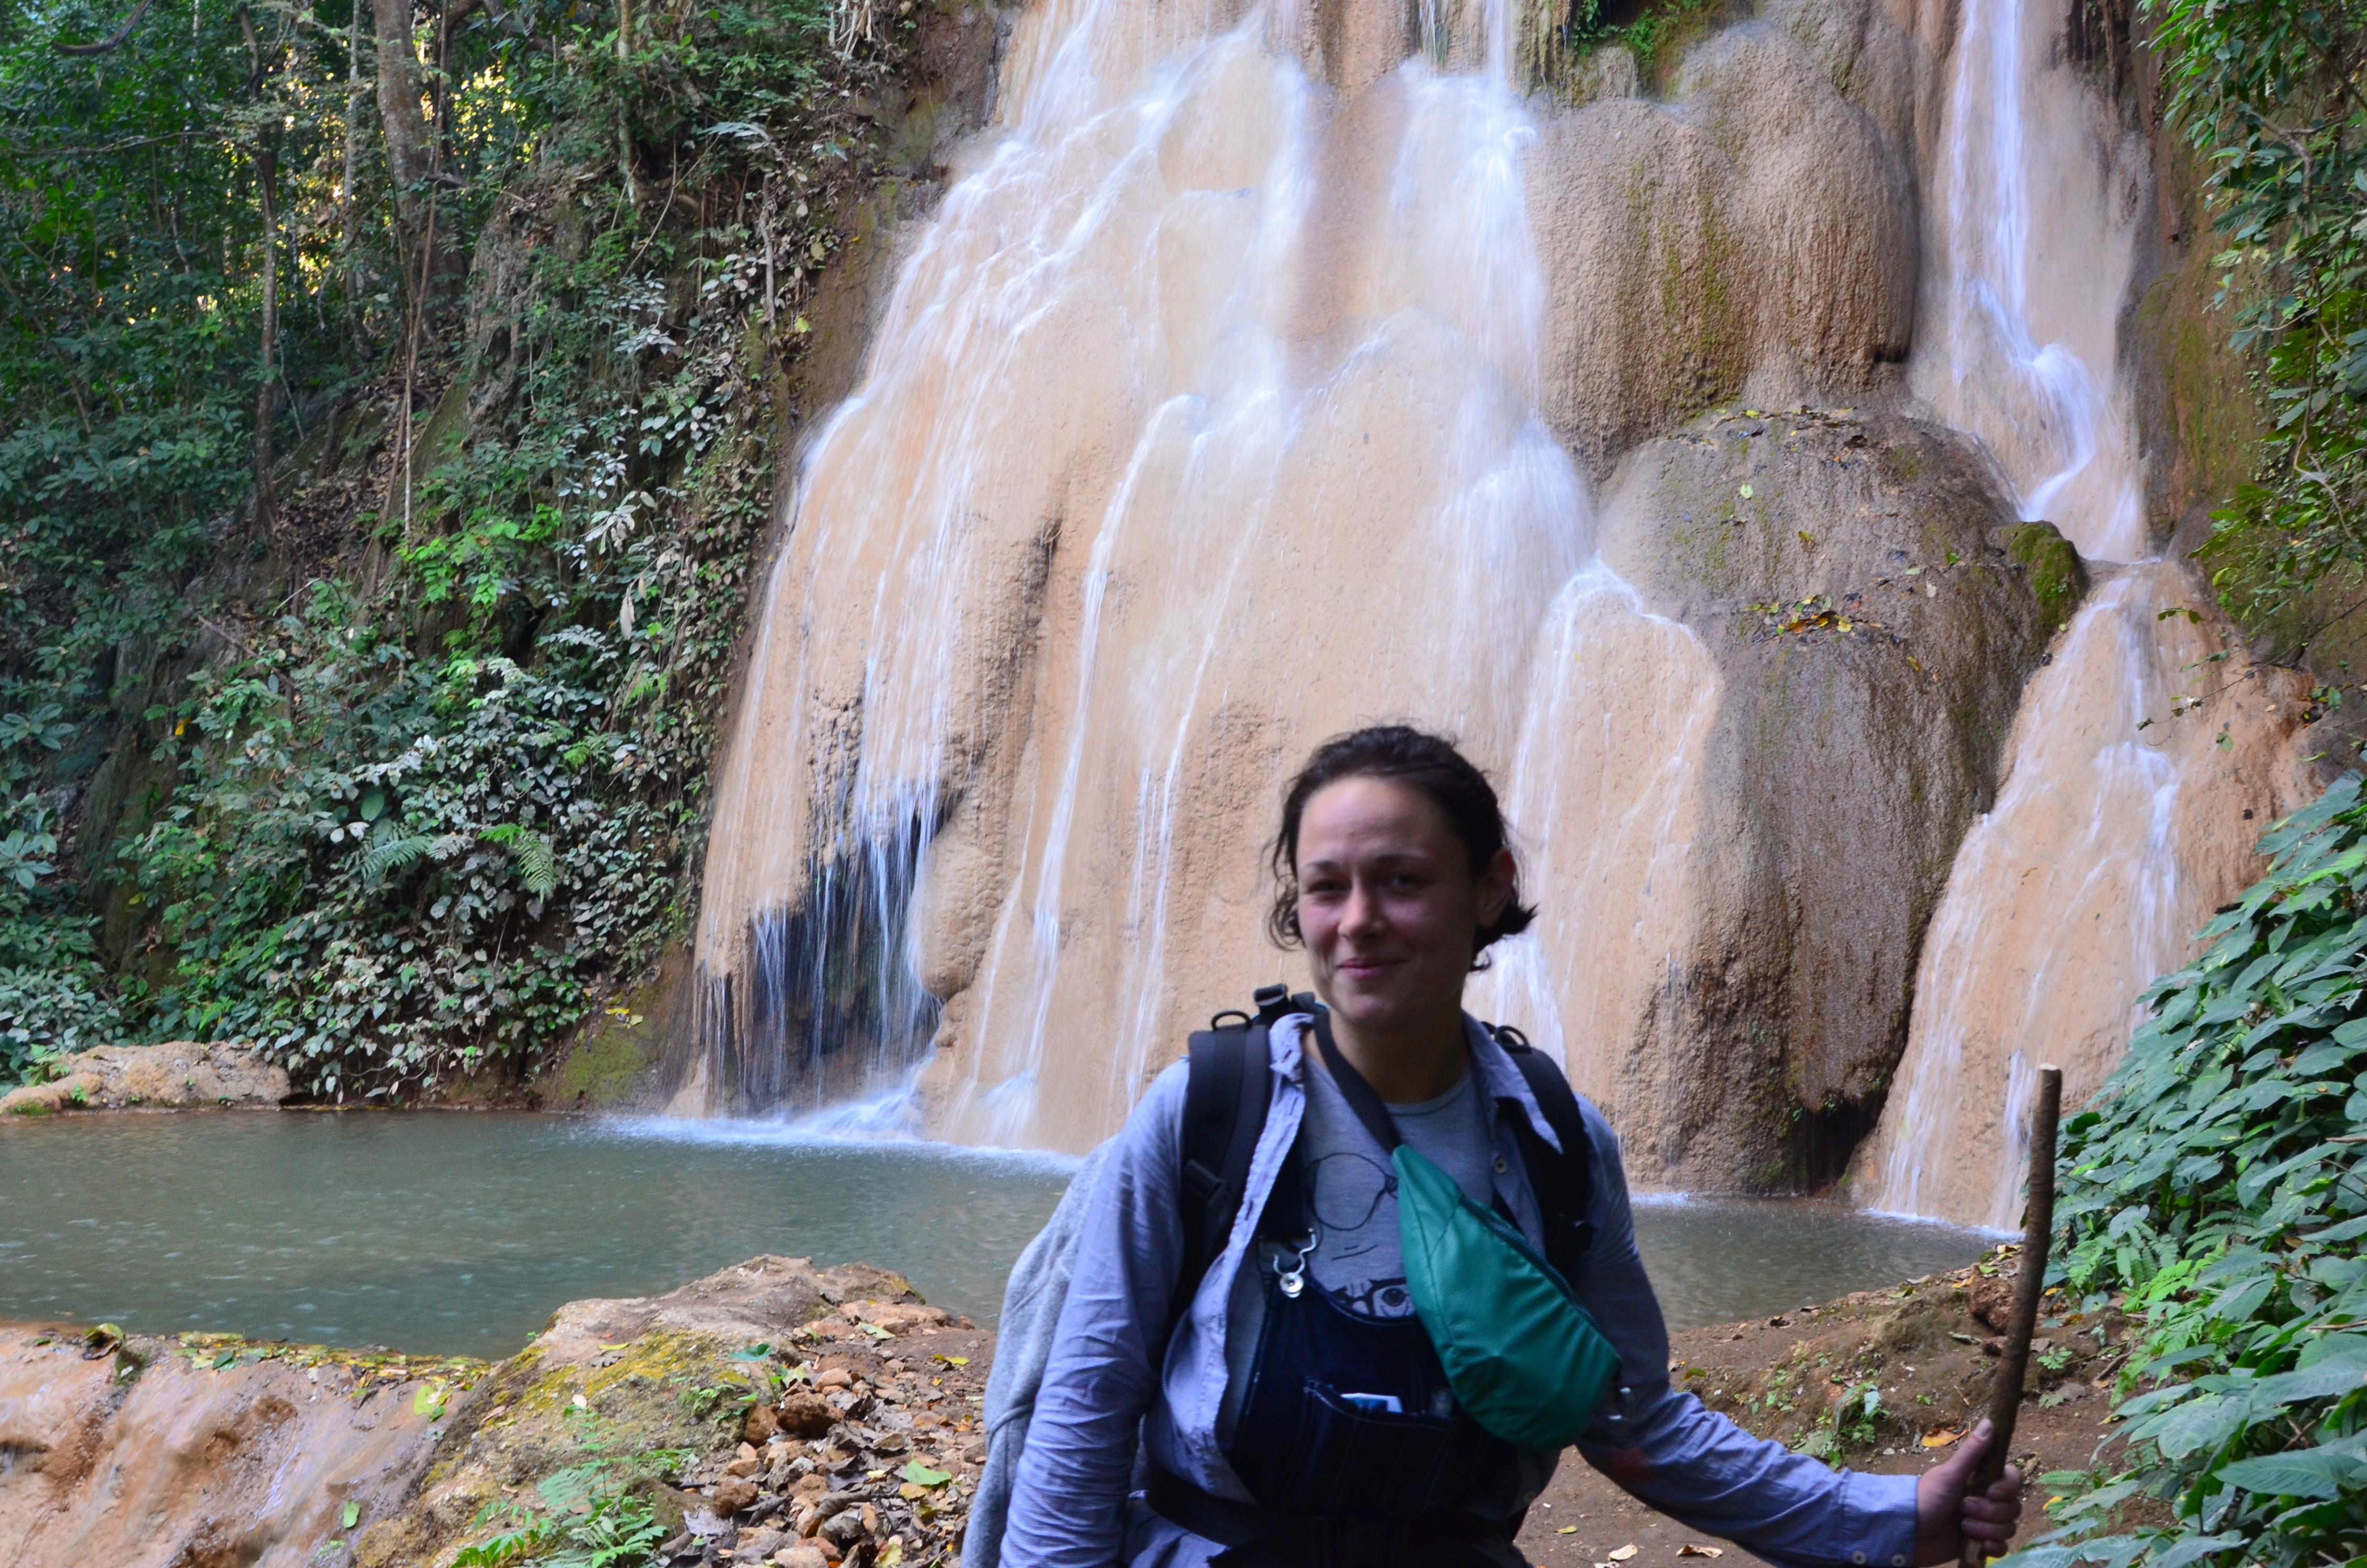 Нави и длинношеие женщины: поход в таиландские джунгли Нави и длинношеие женщины: поход в таиландские джунгли DSC 0992